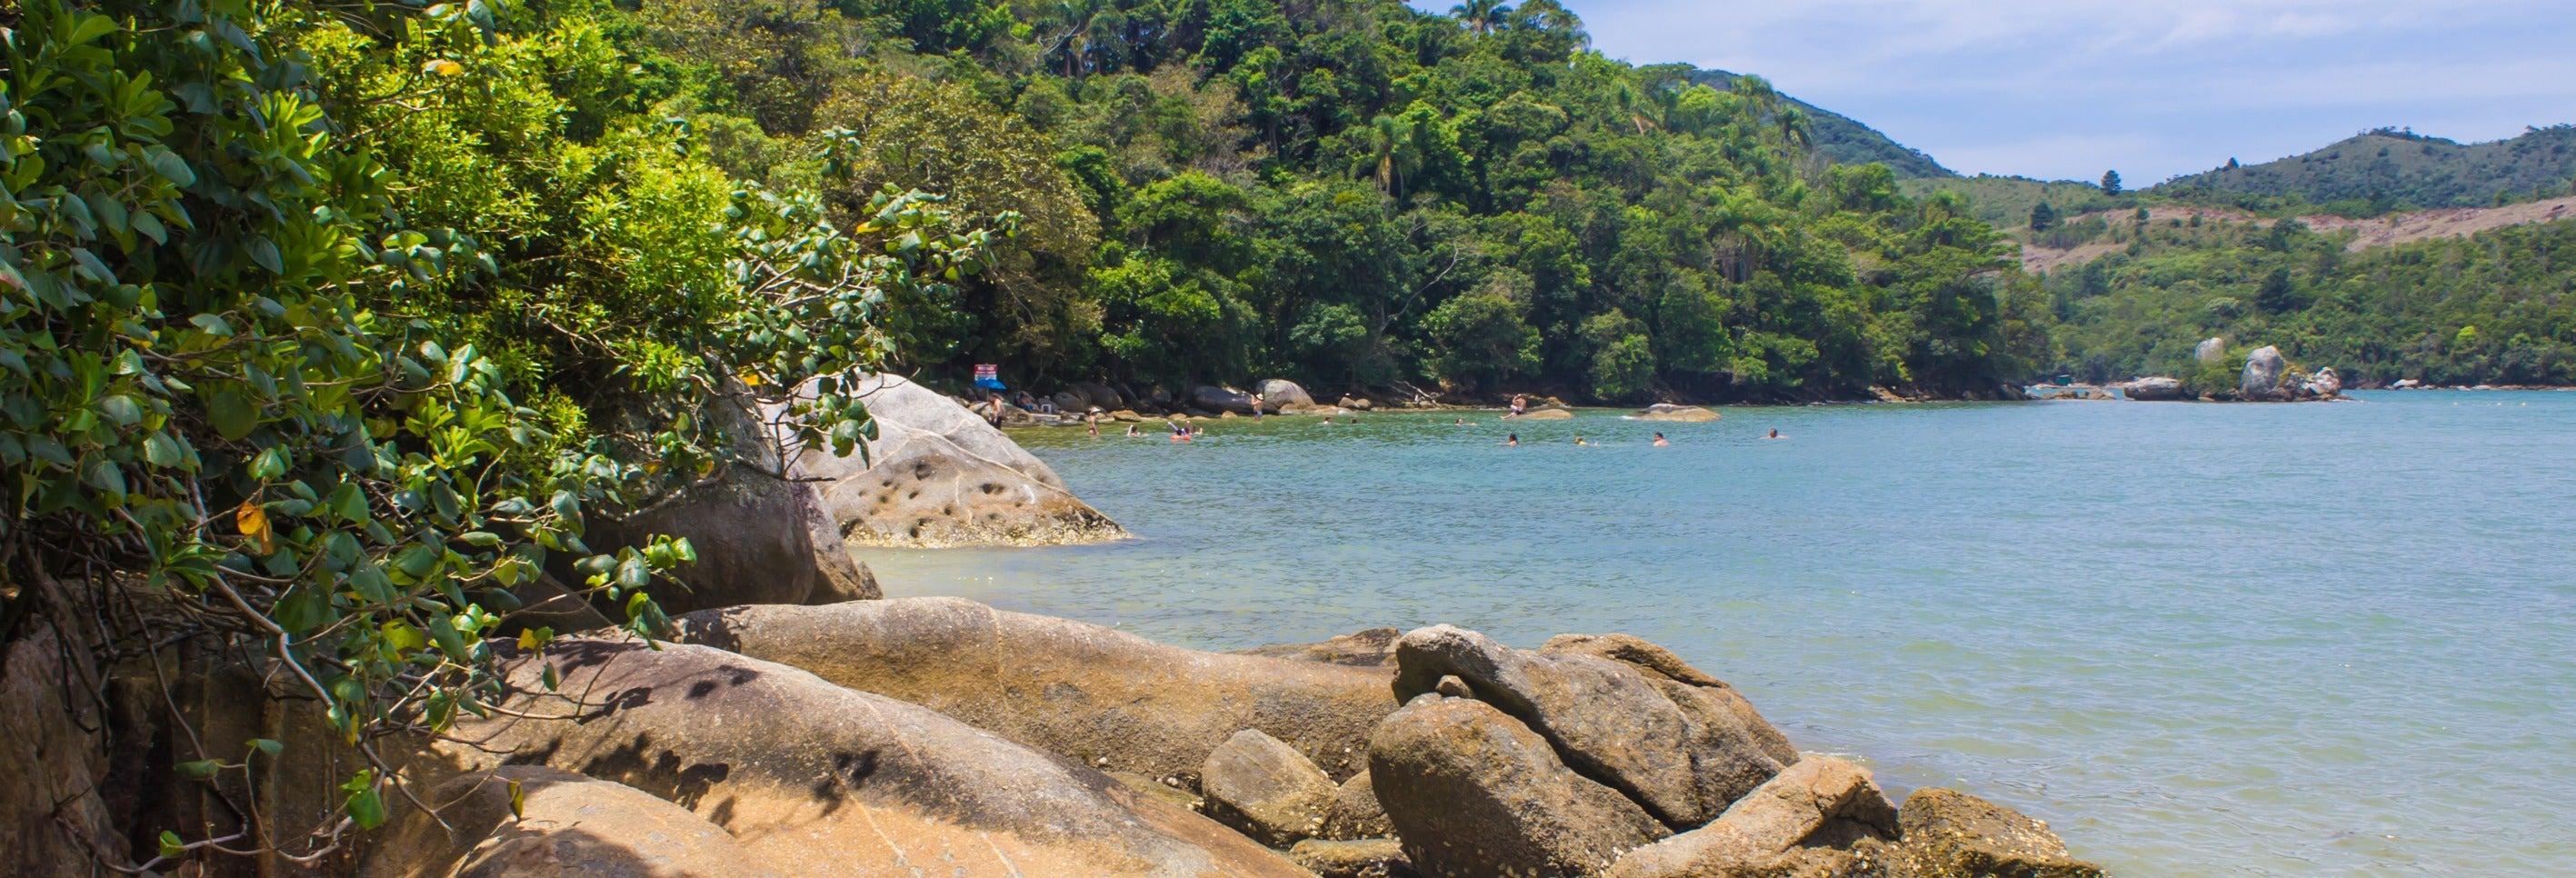 Excursão a Porto Belo